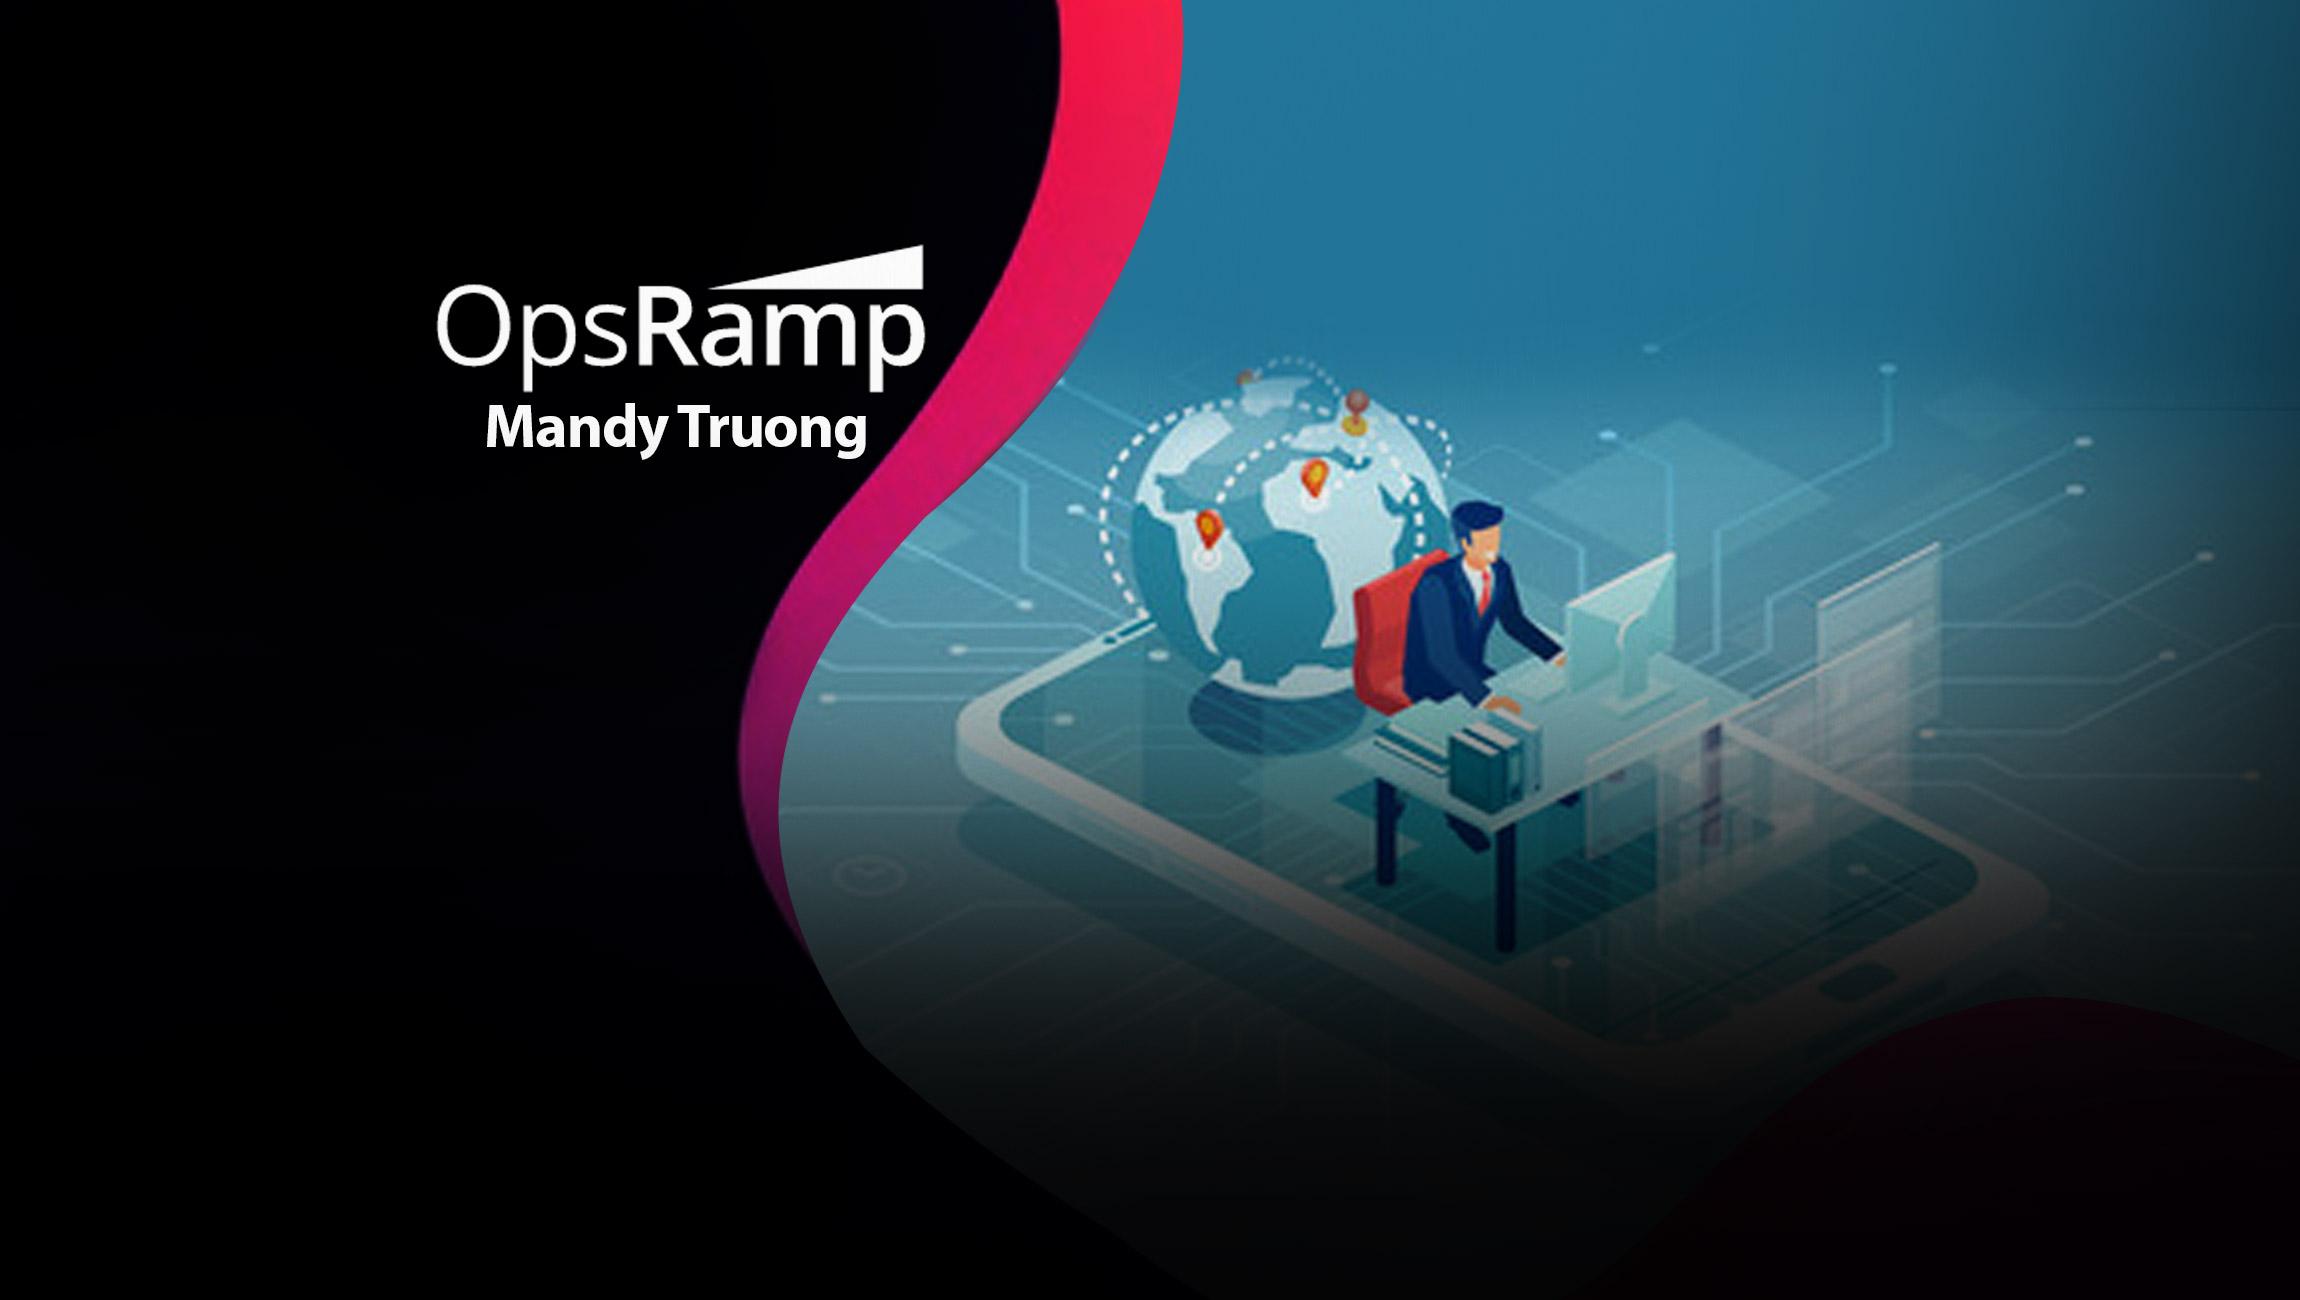 Mandy-Truong-salestech star-OpsRamp